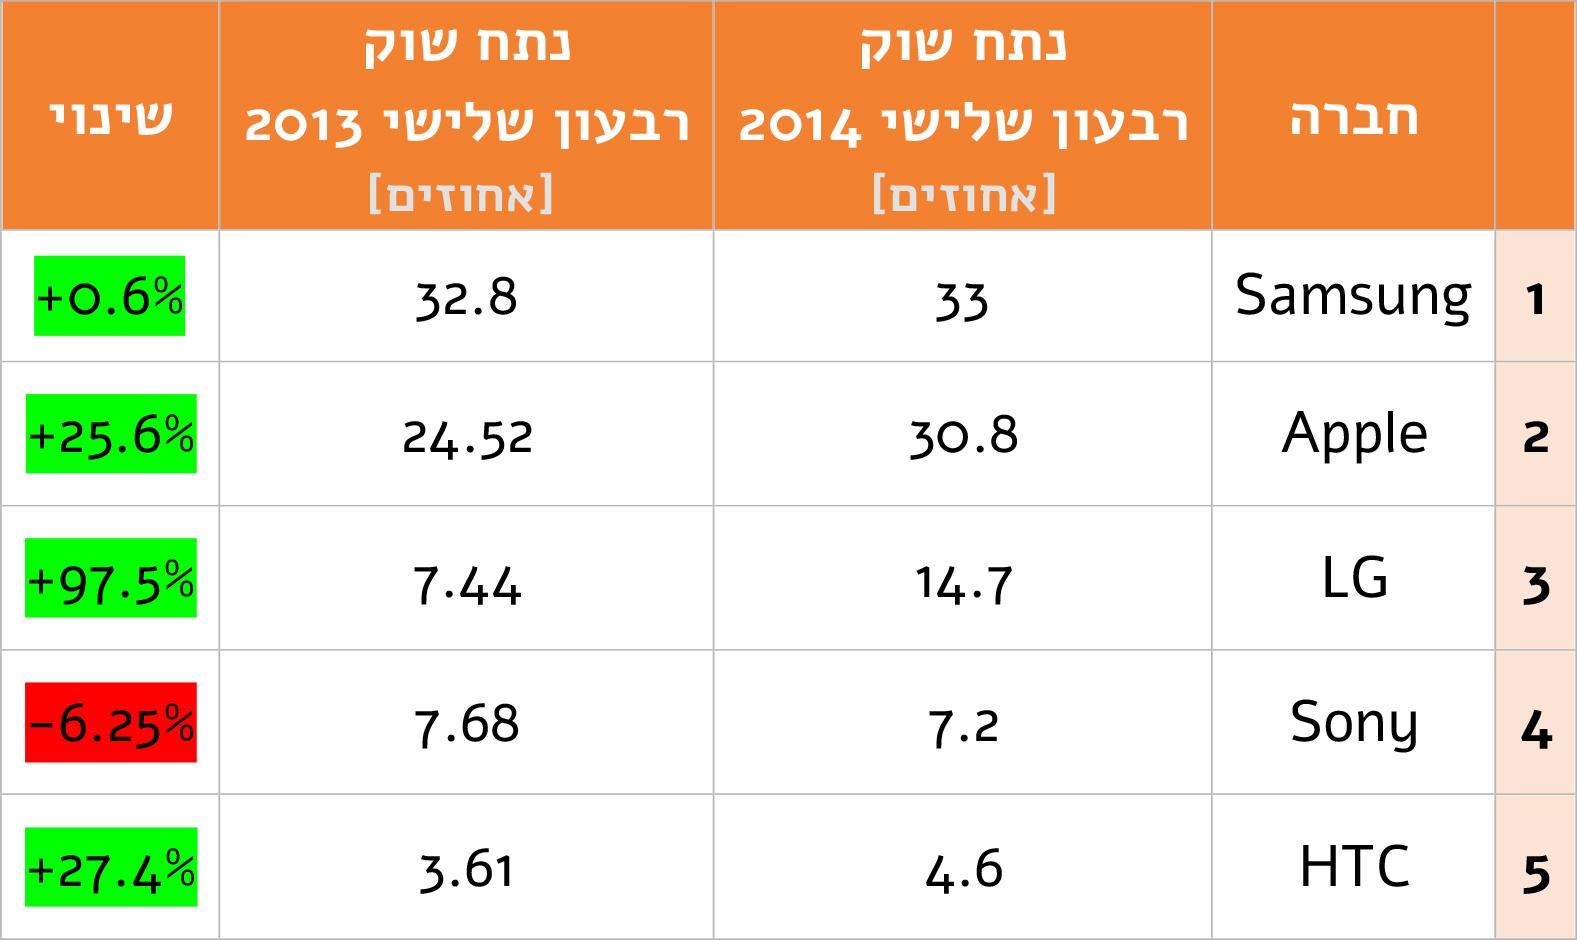 israelismartphoneleadersq314-1